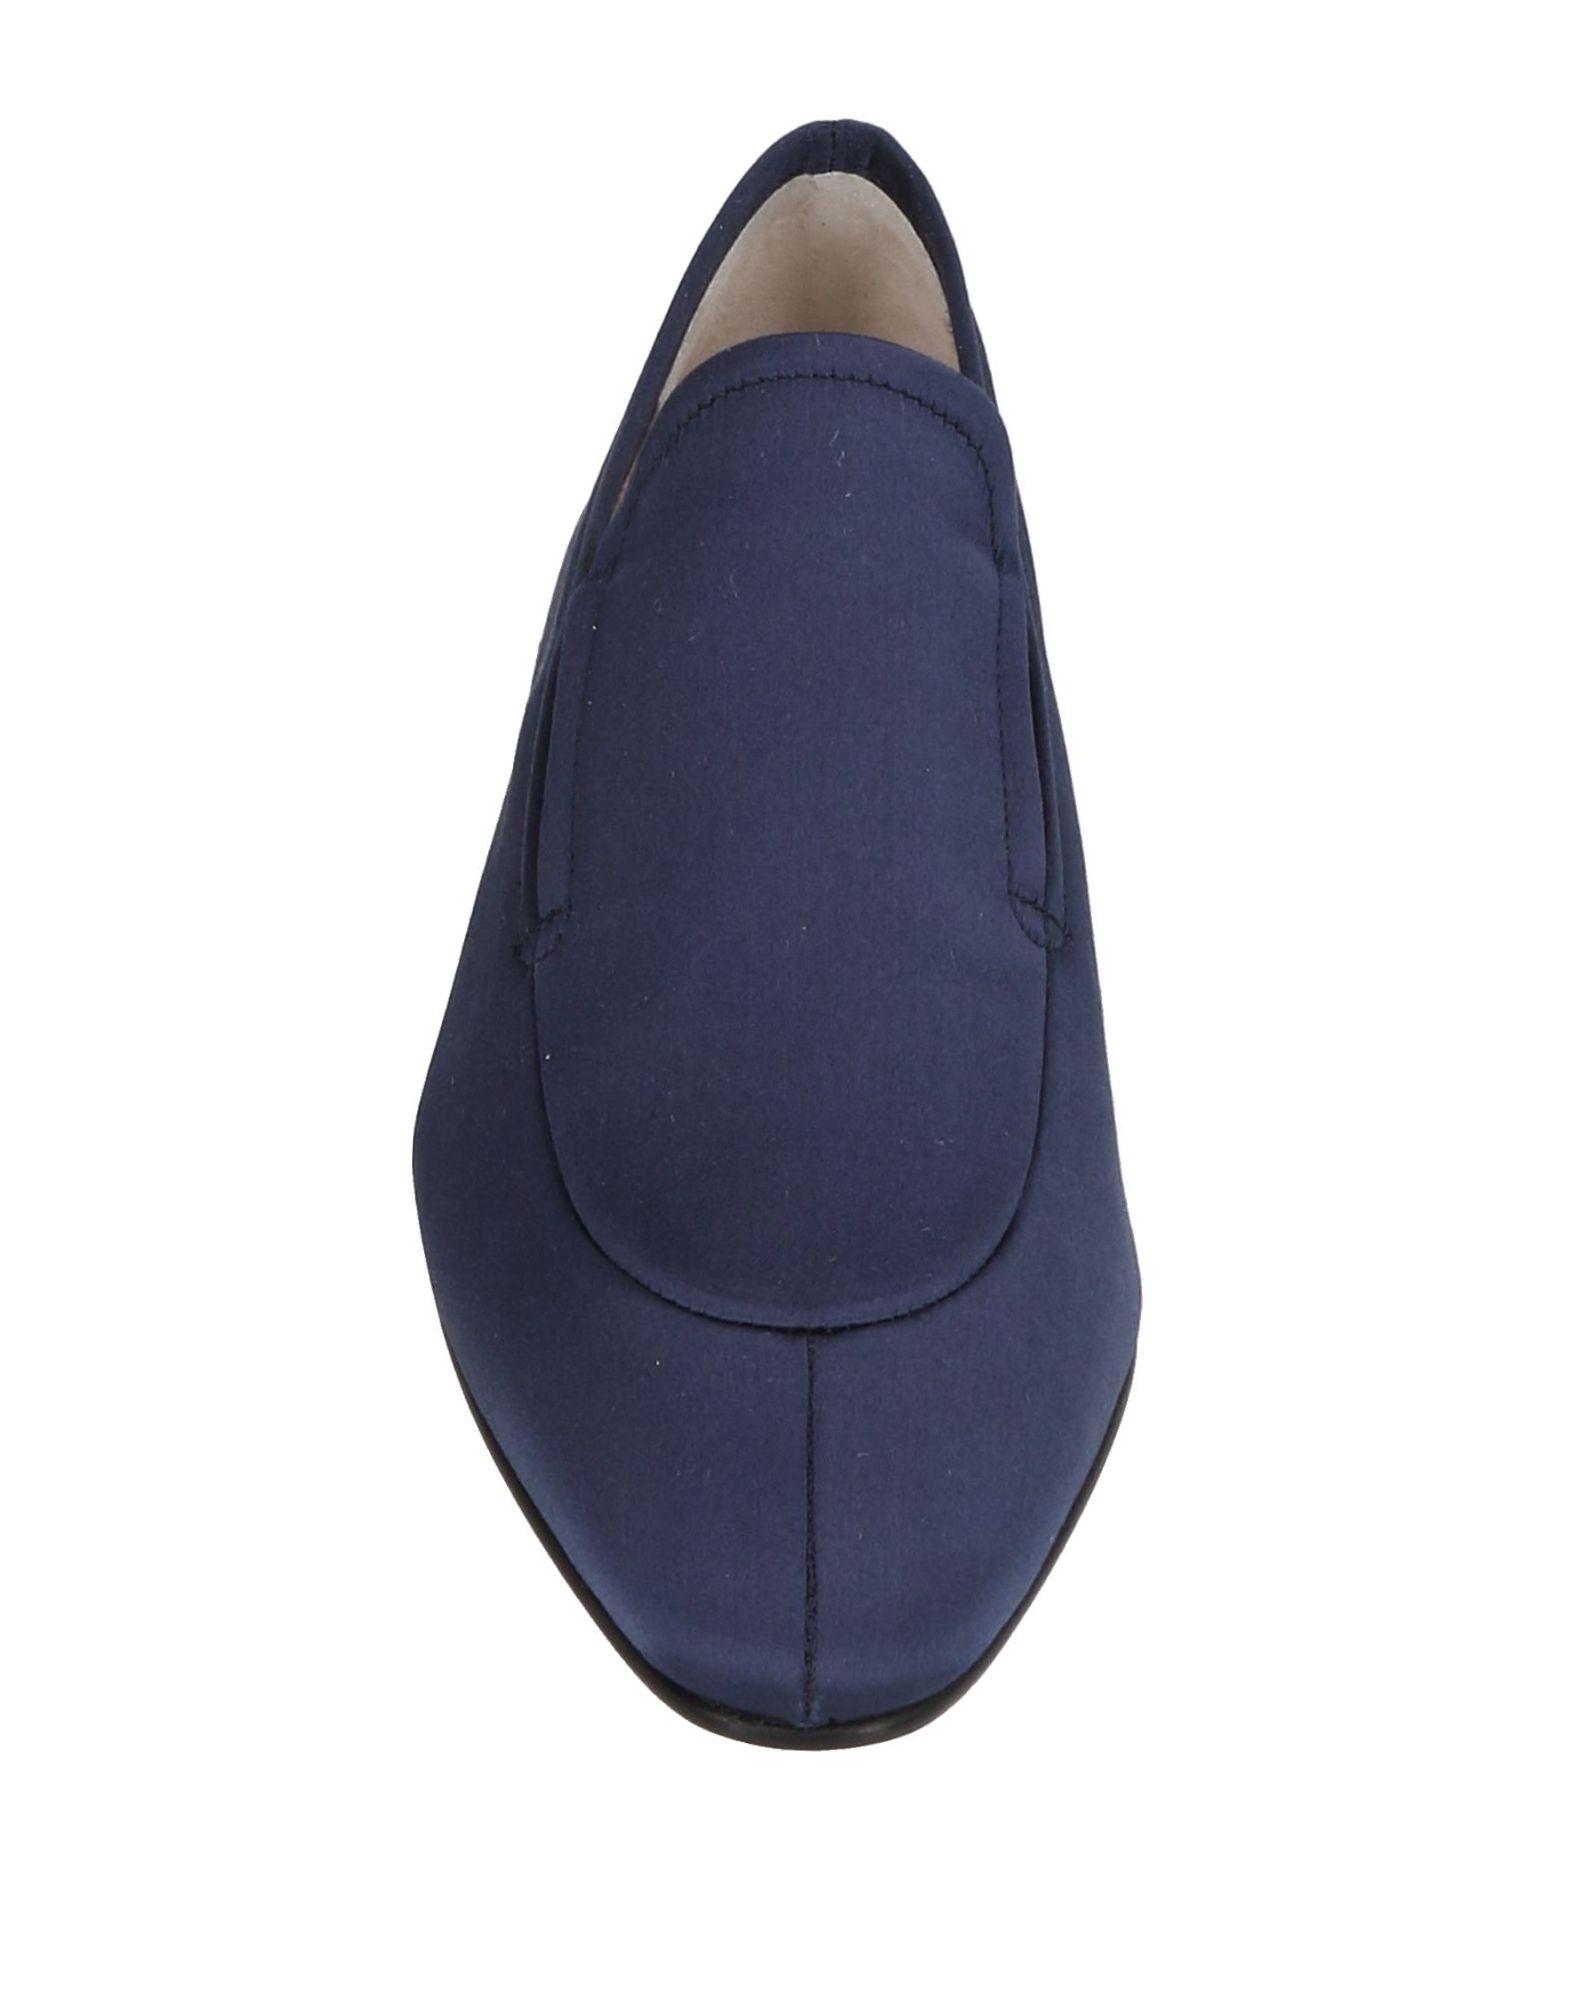 Stilvolle billige Mokassins Schuhe Joseph Mokassins billige Damen  11424548MX c3fb8f